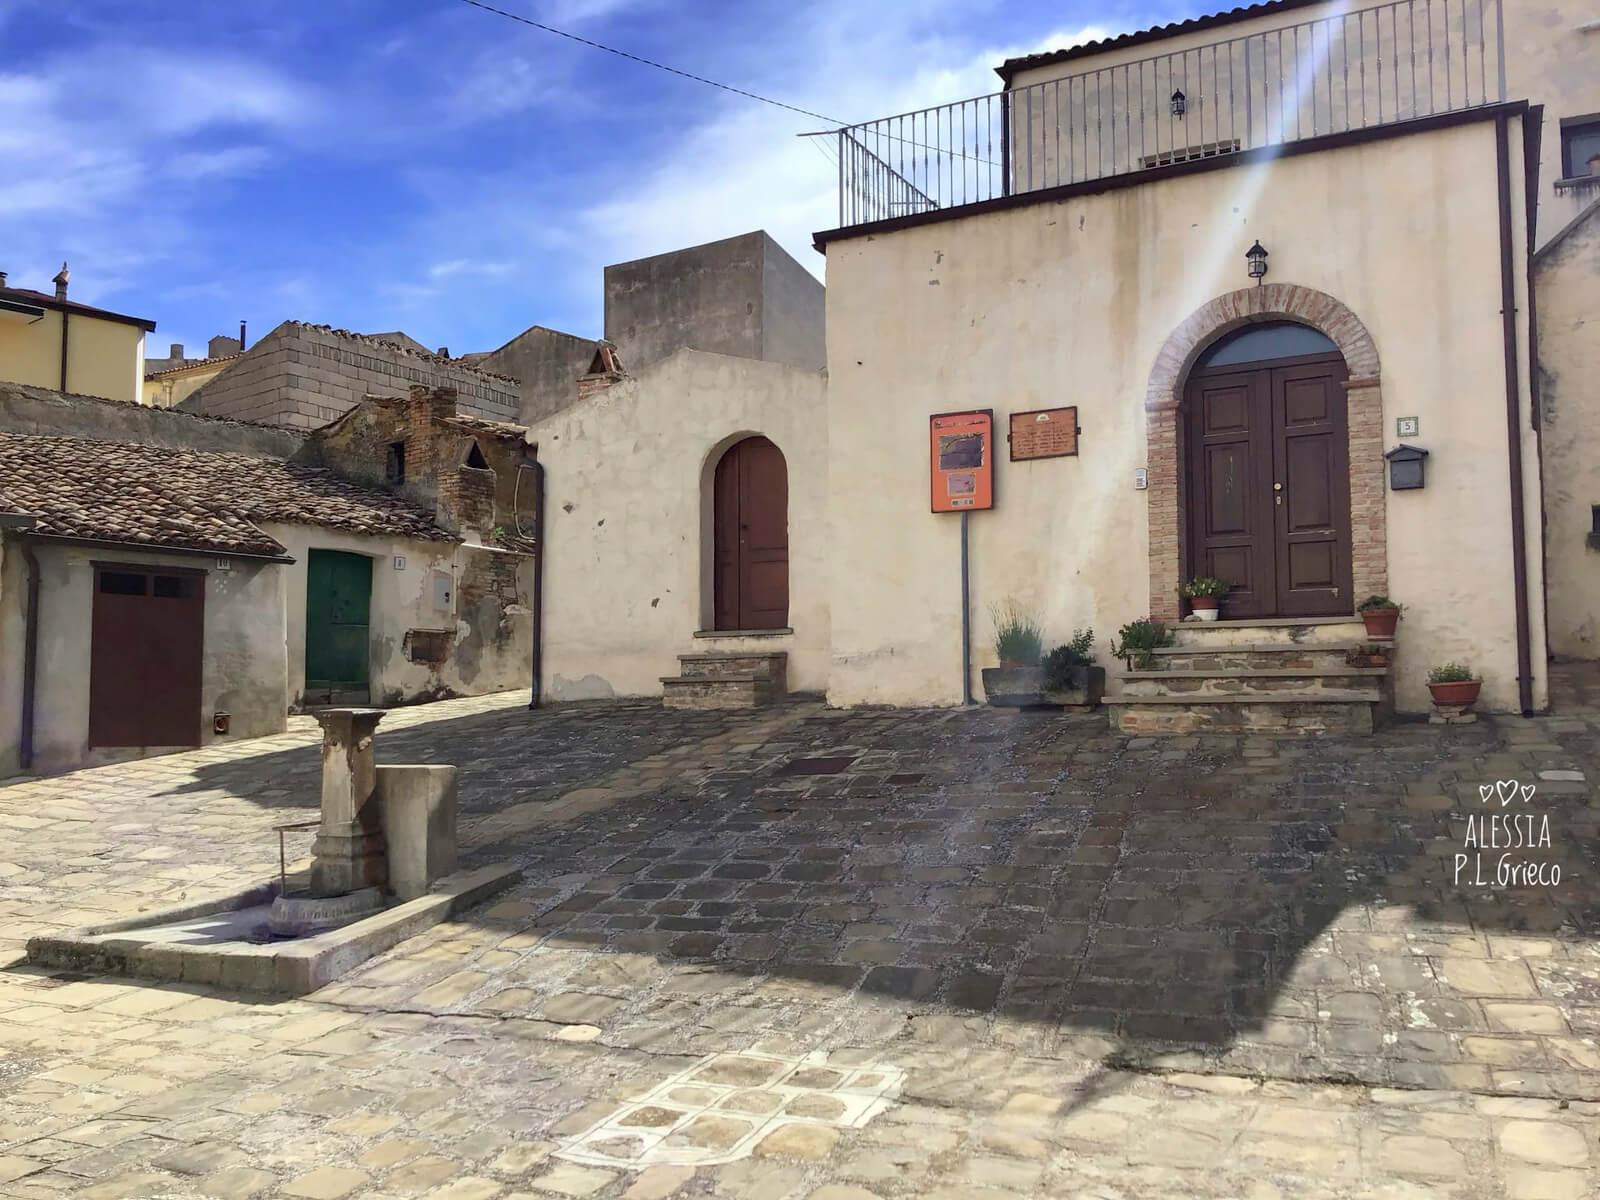 Centro storico di Aliano